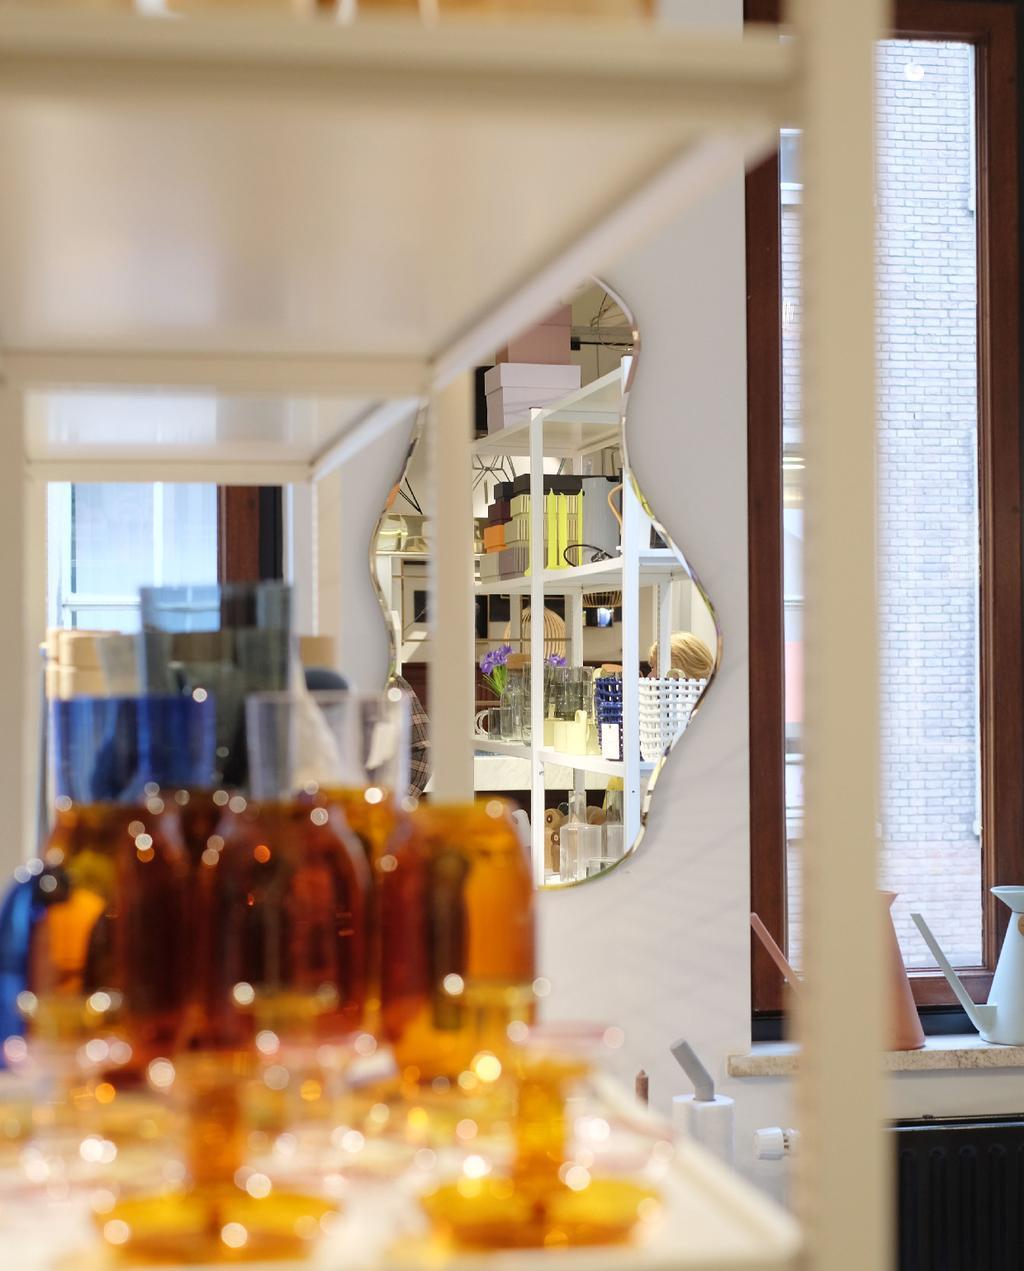 vtwonen blog prchtg | carlos in huis deventer organisch gevormde spiegel